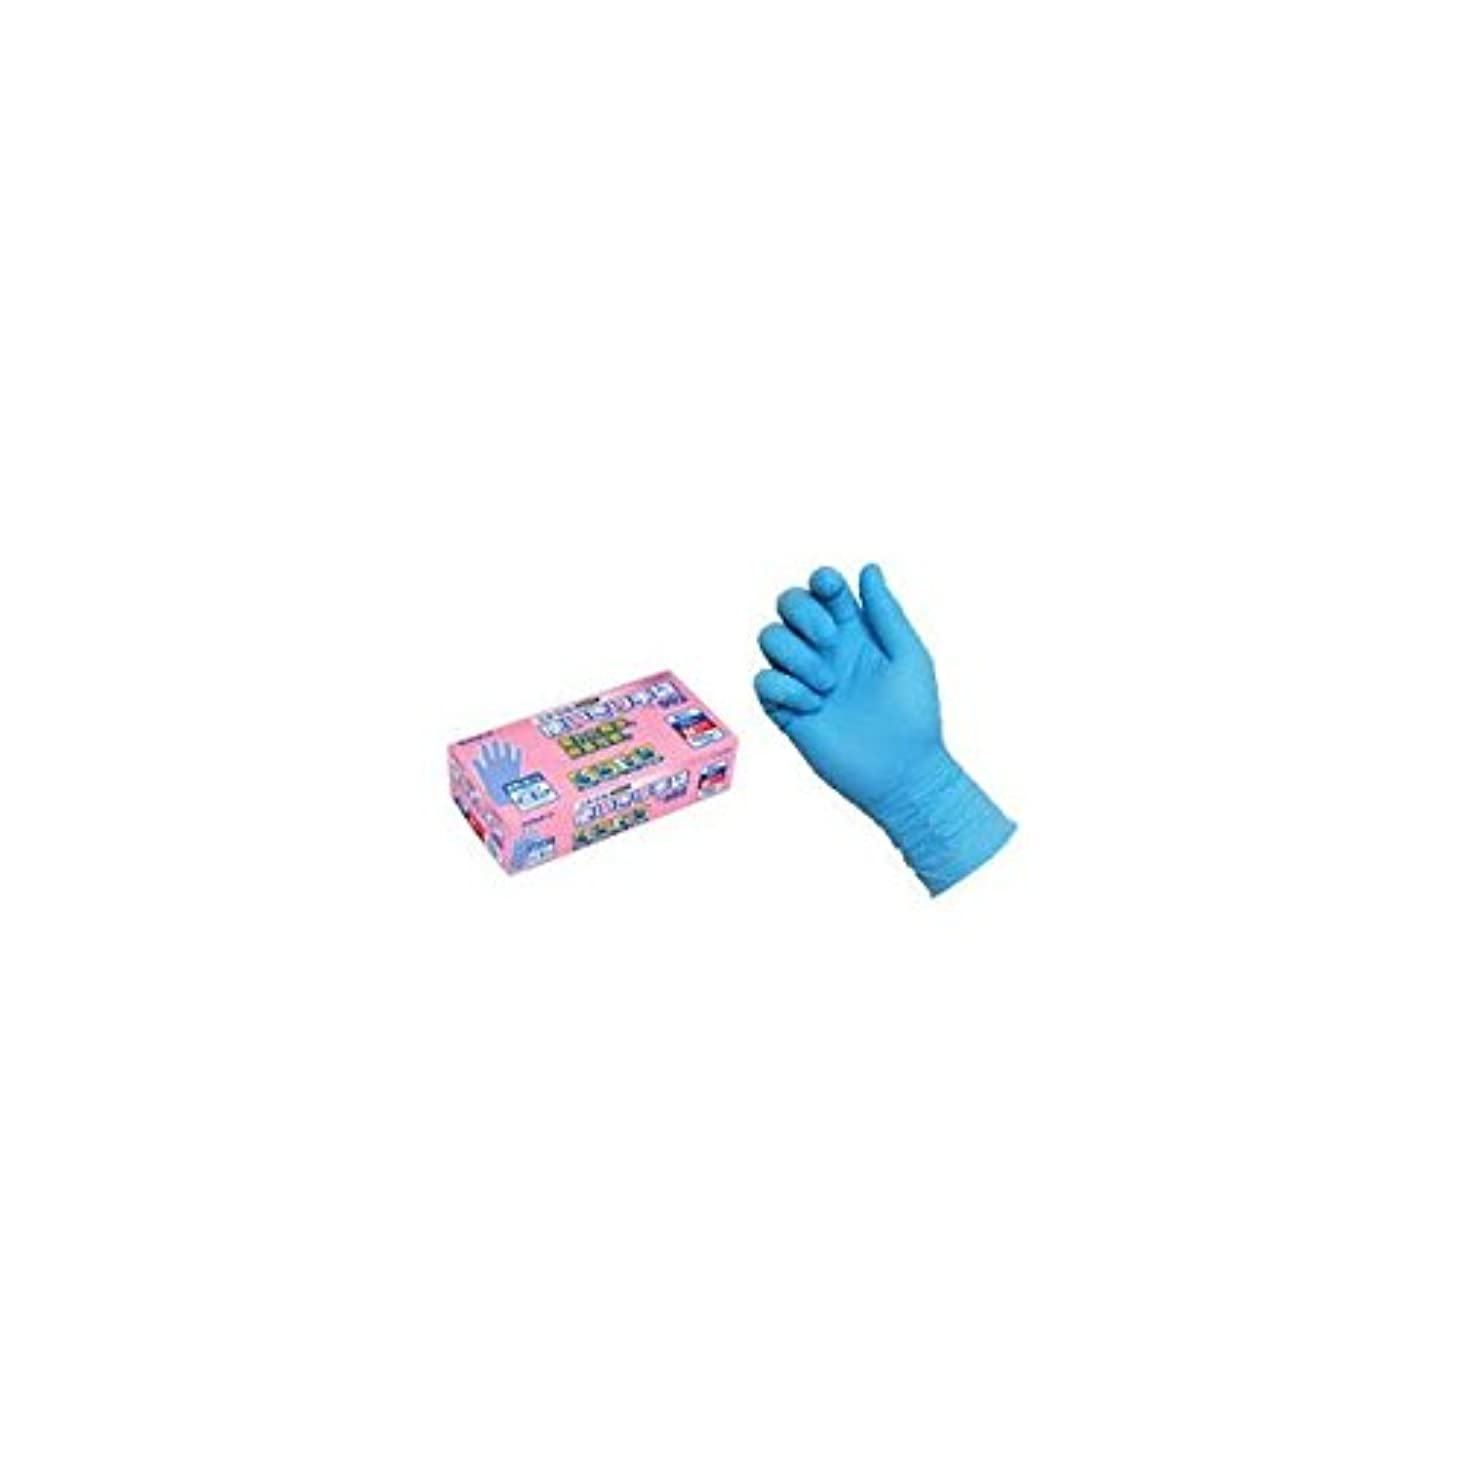 終点後ろに虫ニトリル使いきり手袋 PF NO.992 L ブルー エステー 【商品CD】ST4786